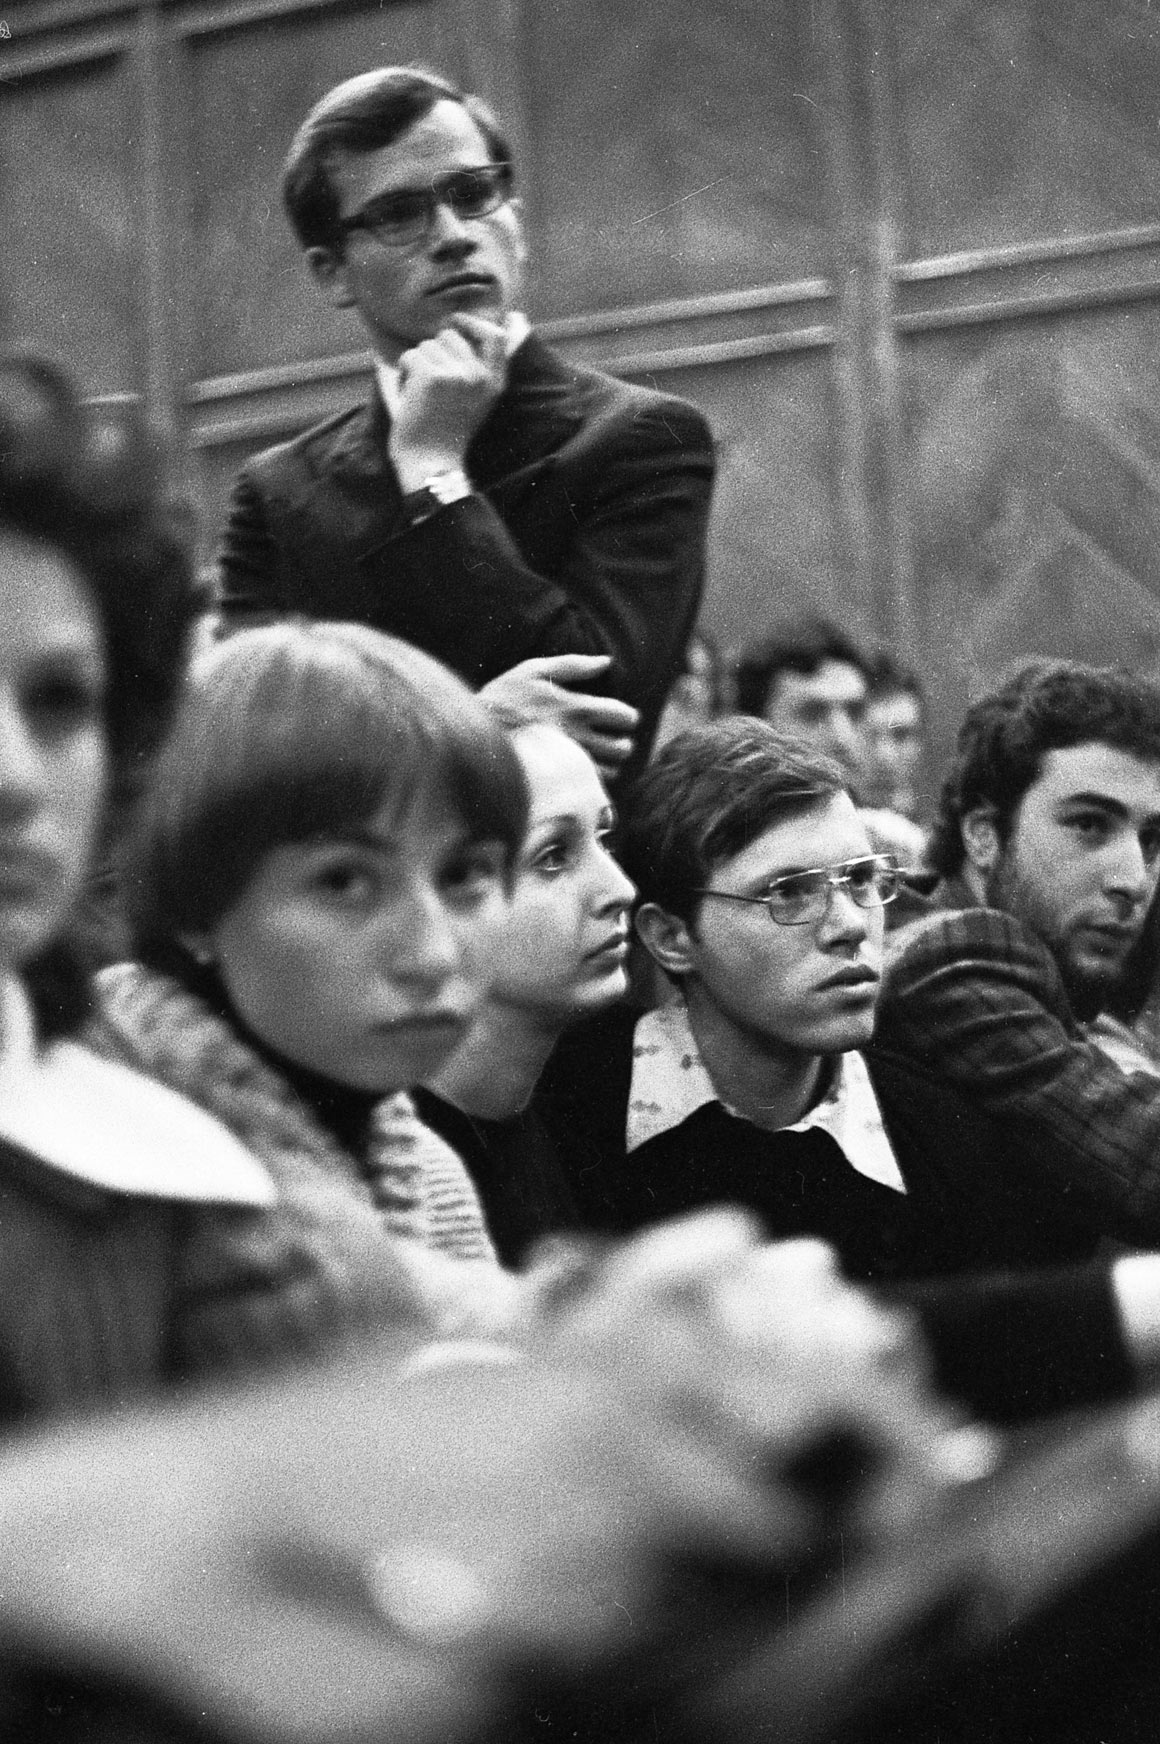 1976 год, Киев. Концерт авторской песни вмедицинском институте, тогда барды были очень популярны